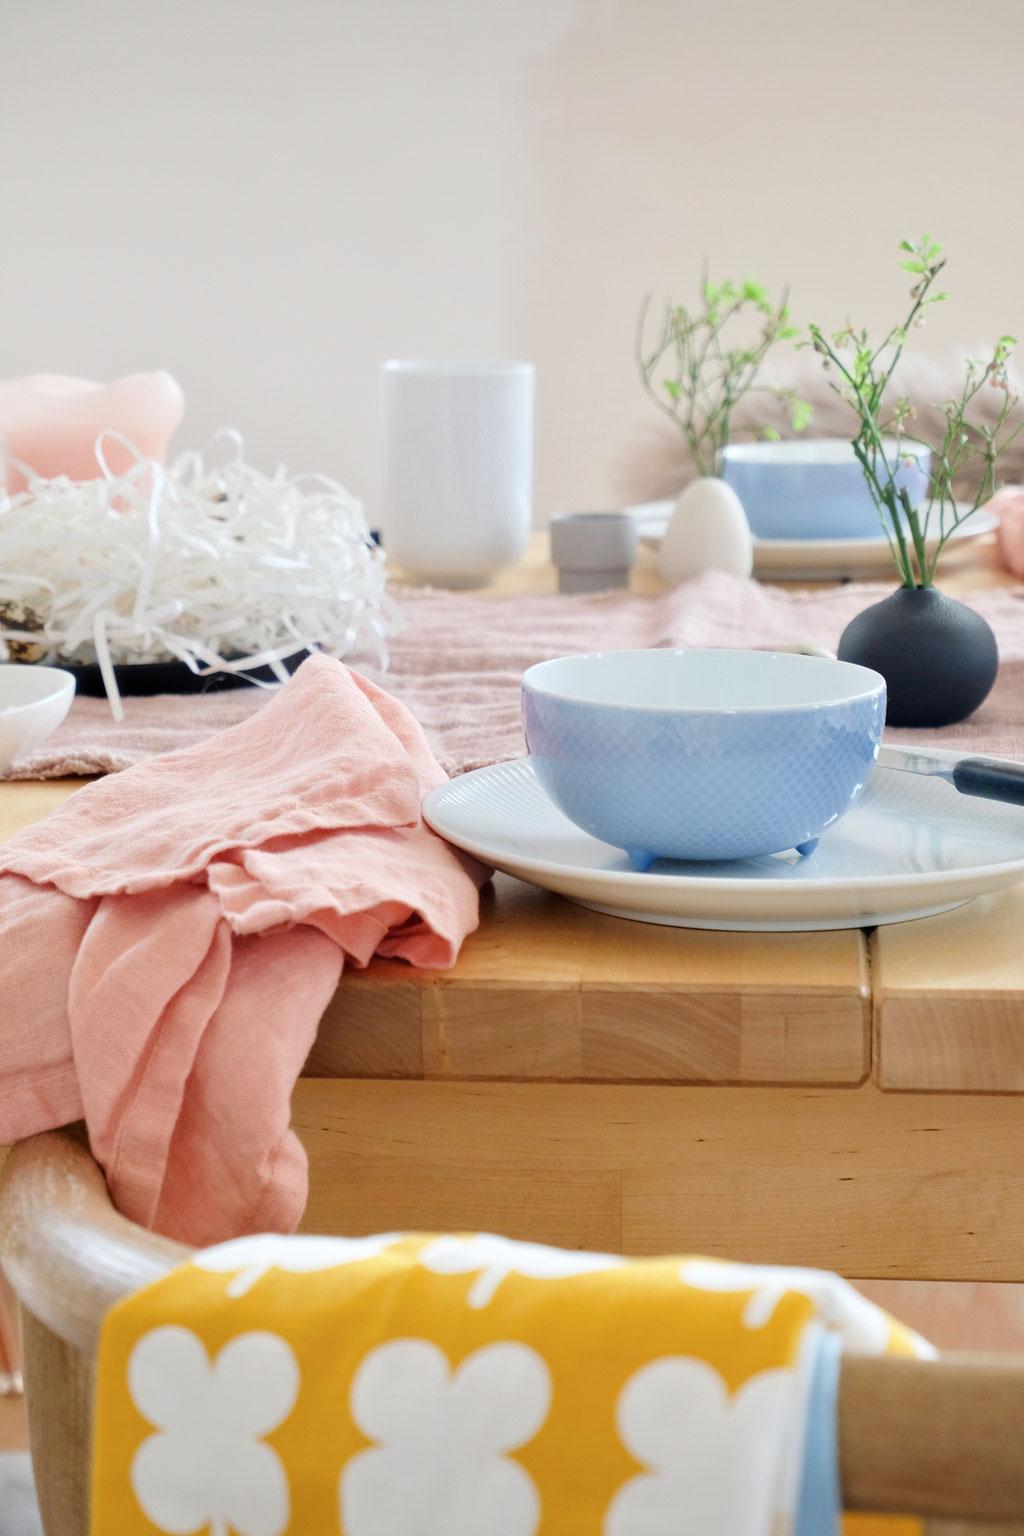 dieartigeBLOG - Ostern -Tischdekoration; hellblaues Vintage-Schälchen von Rosenthal